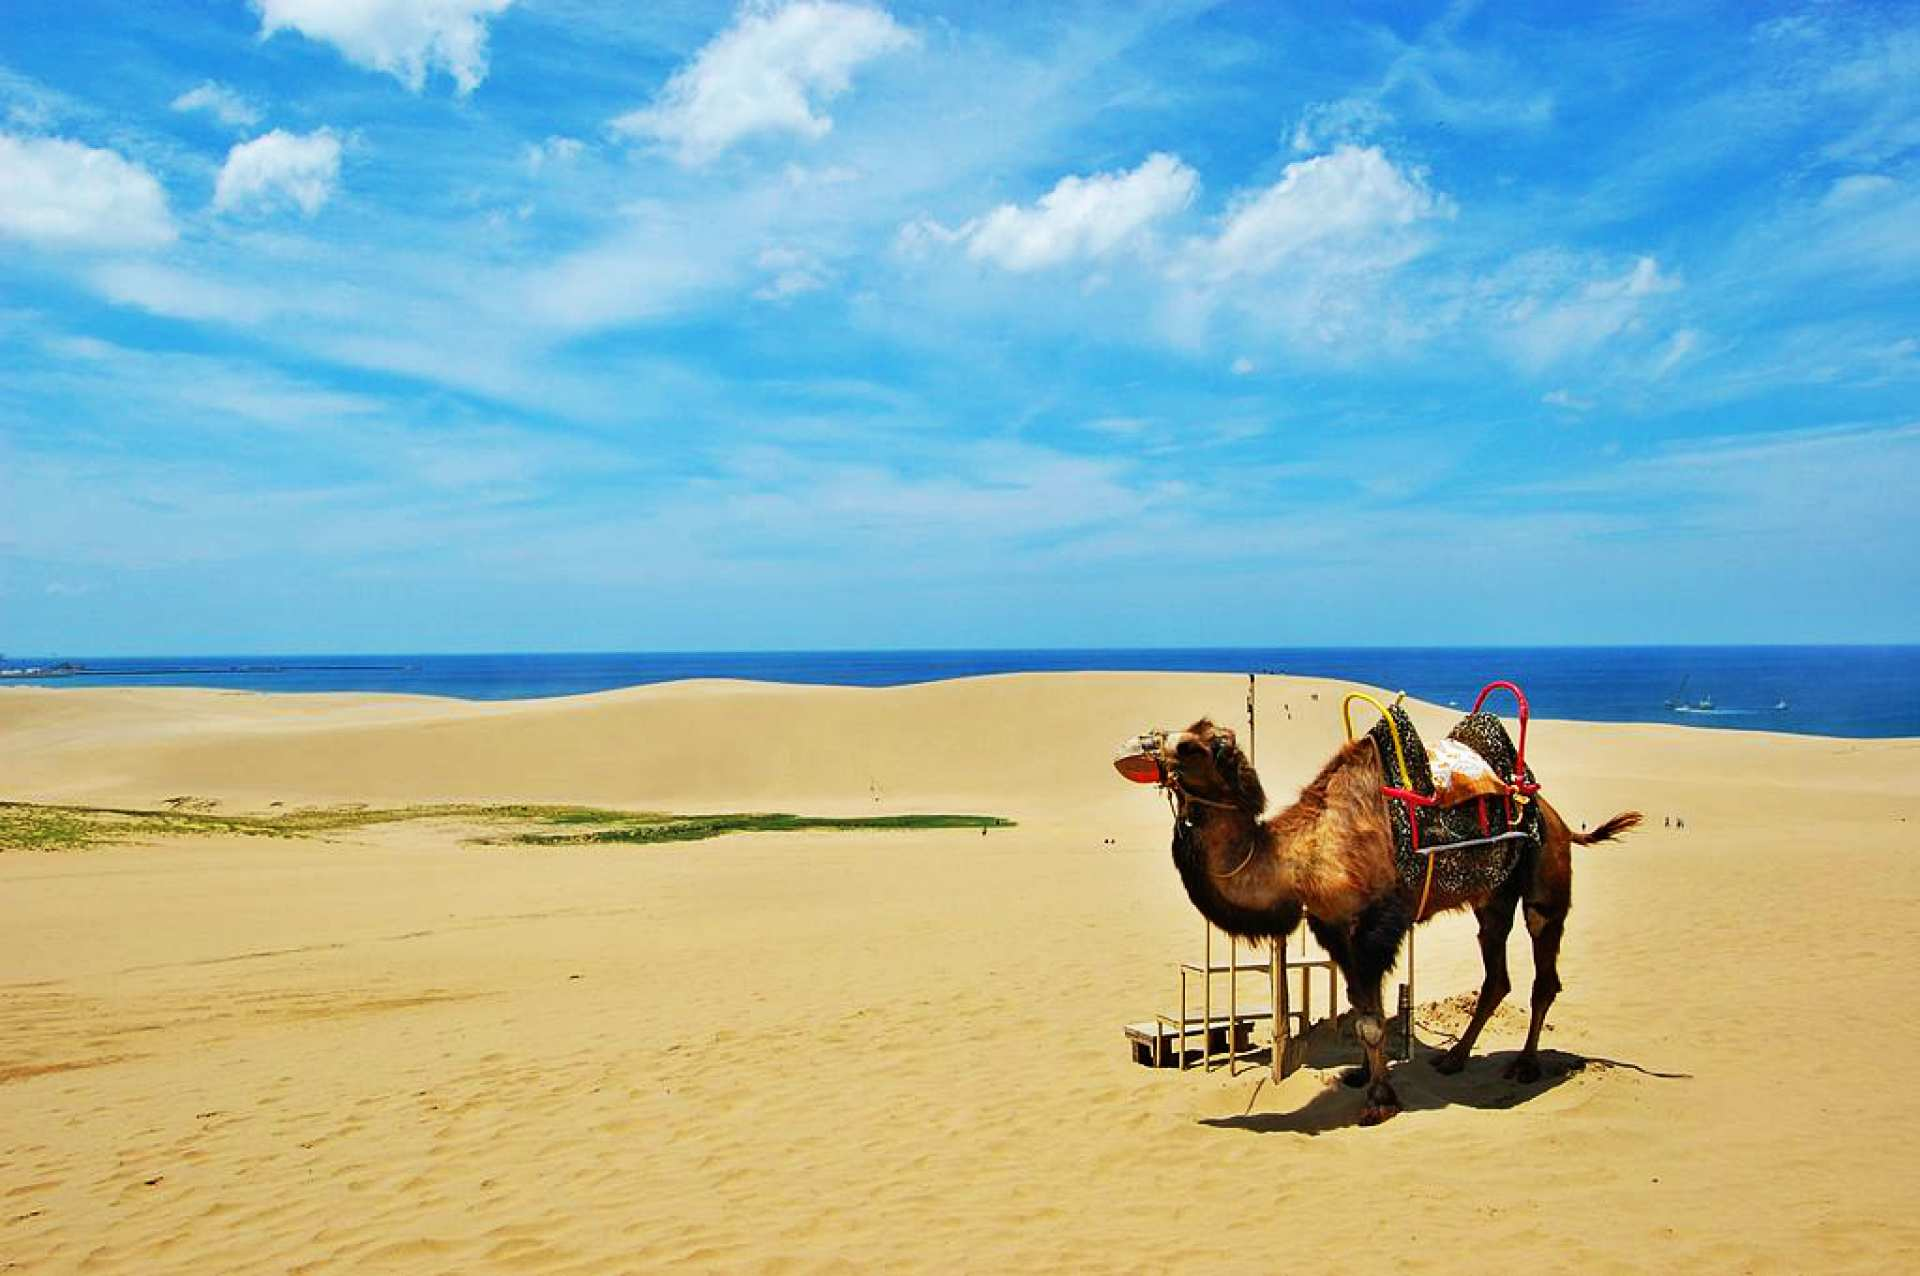 【大阪巴士一日遊】鳥取砂丘、浦富海岸巡航、砂之美術館、採梨子體驗